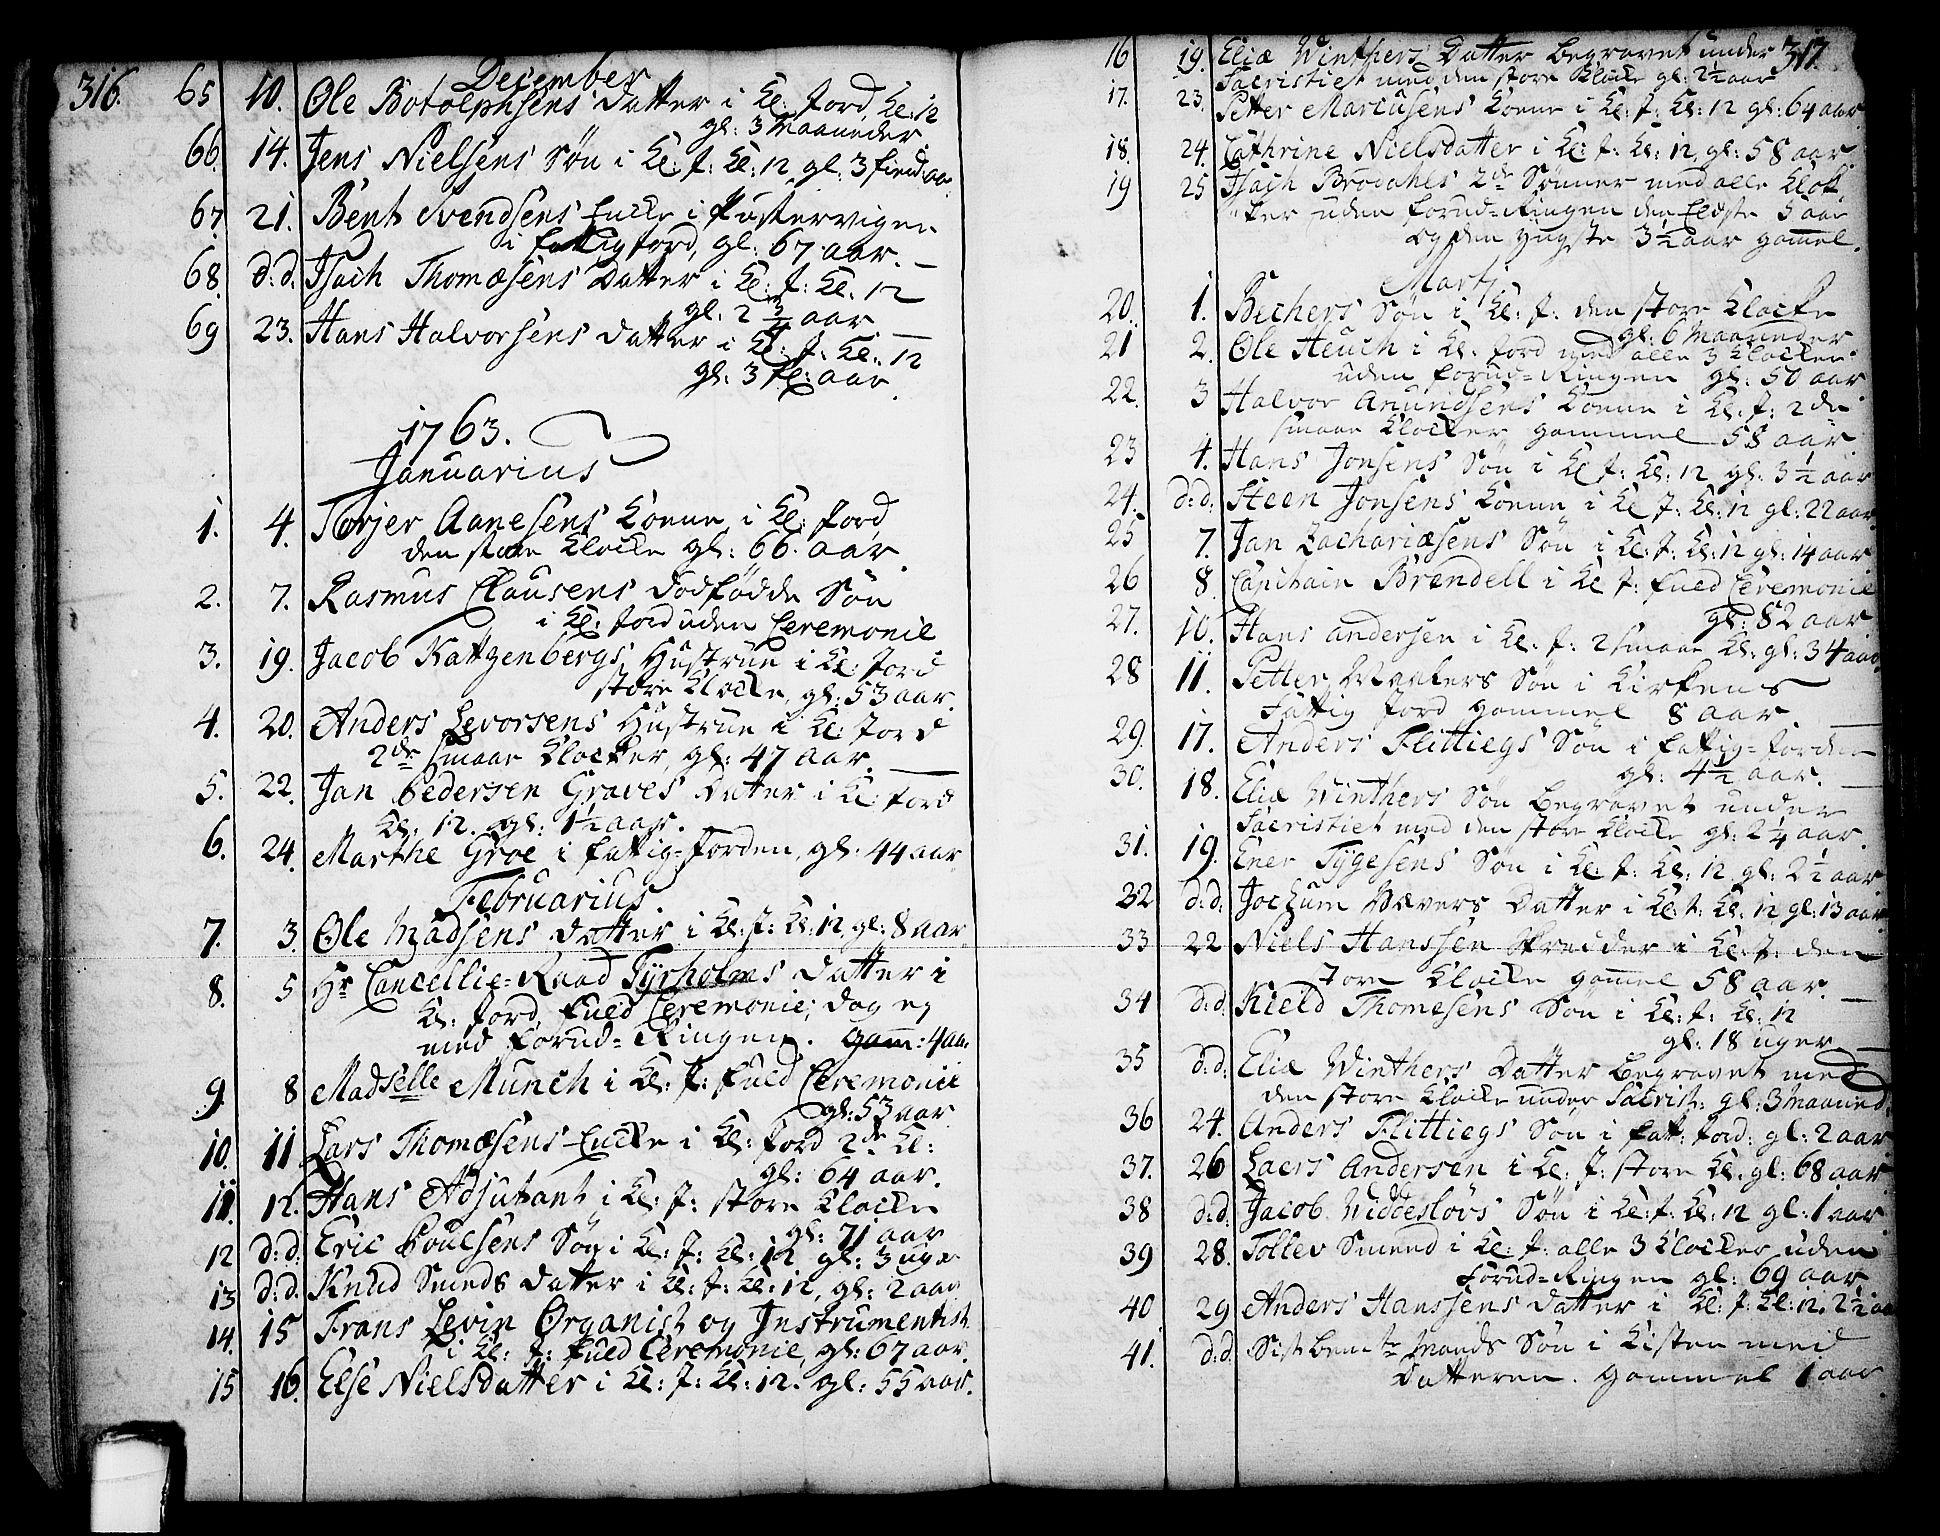 SAKO, Skien kirkebøker, F/Fa/L0003: Ministerialbok nr. 3, 1755-1791, s. 316-317